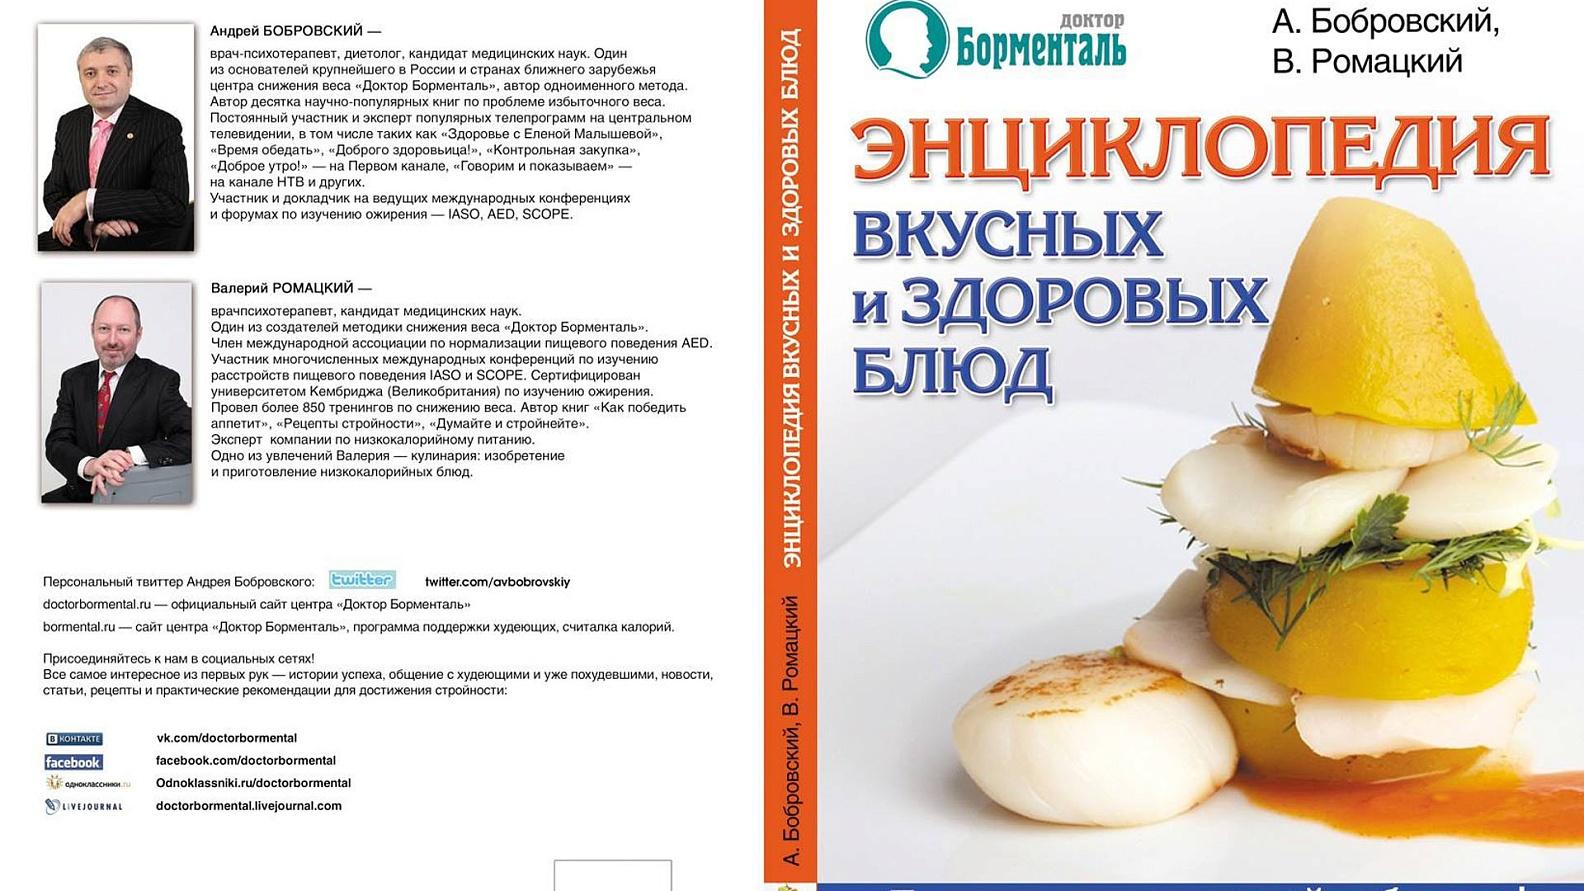 Книги Для Похудения Борменталь.